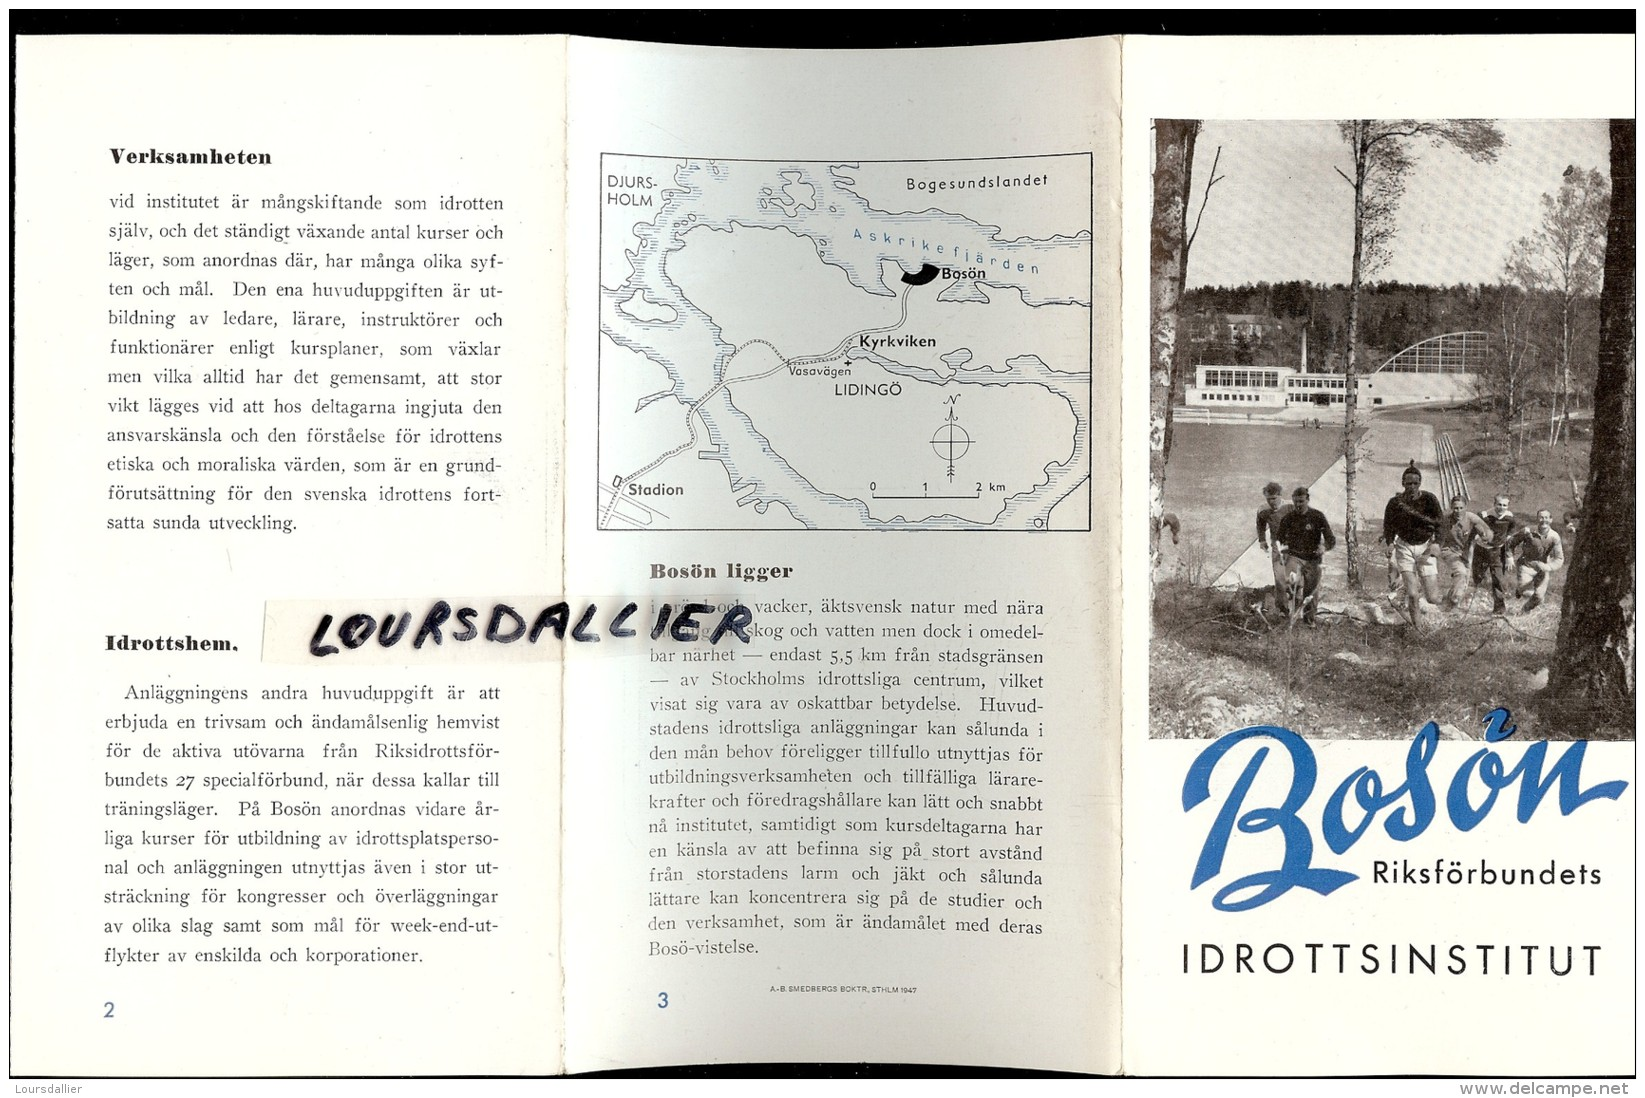 SUEDE BOSON Institut Des Sport 1952 Idrottsinstitut 1952 - Scandinavian Languages